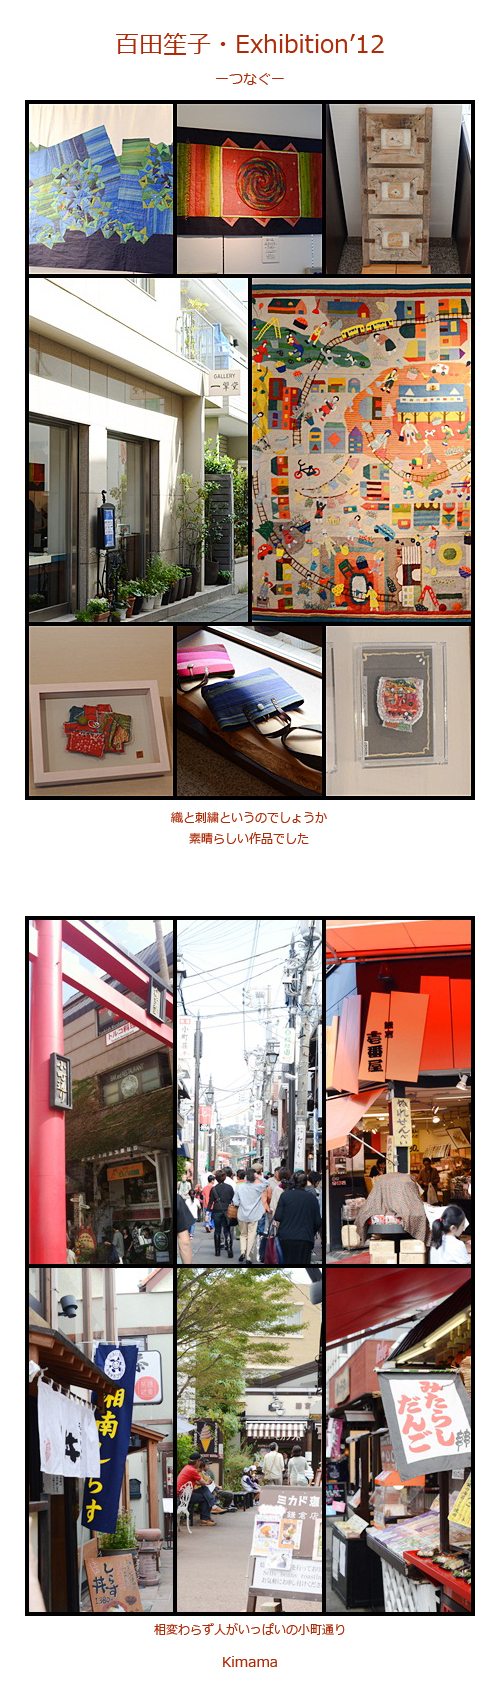 10月15日鎌倉1